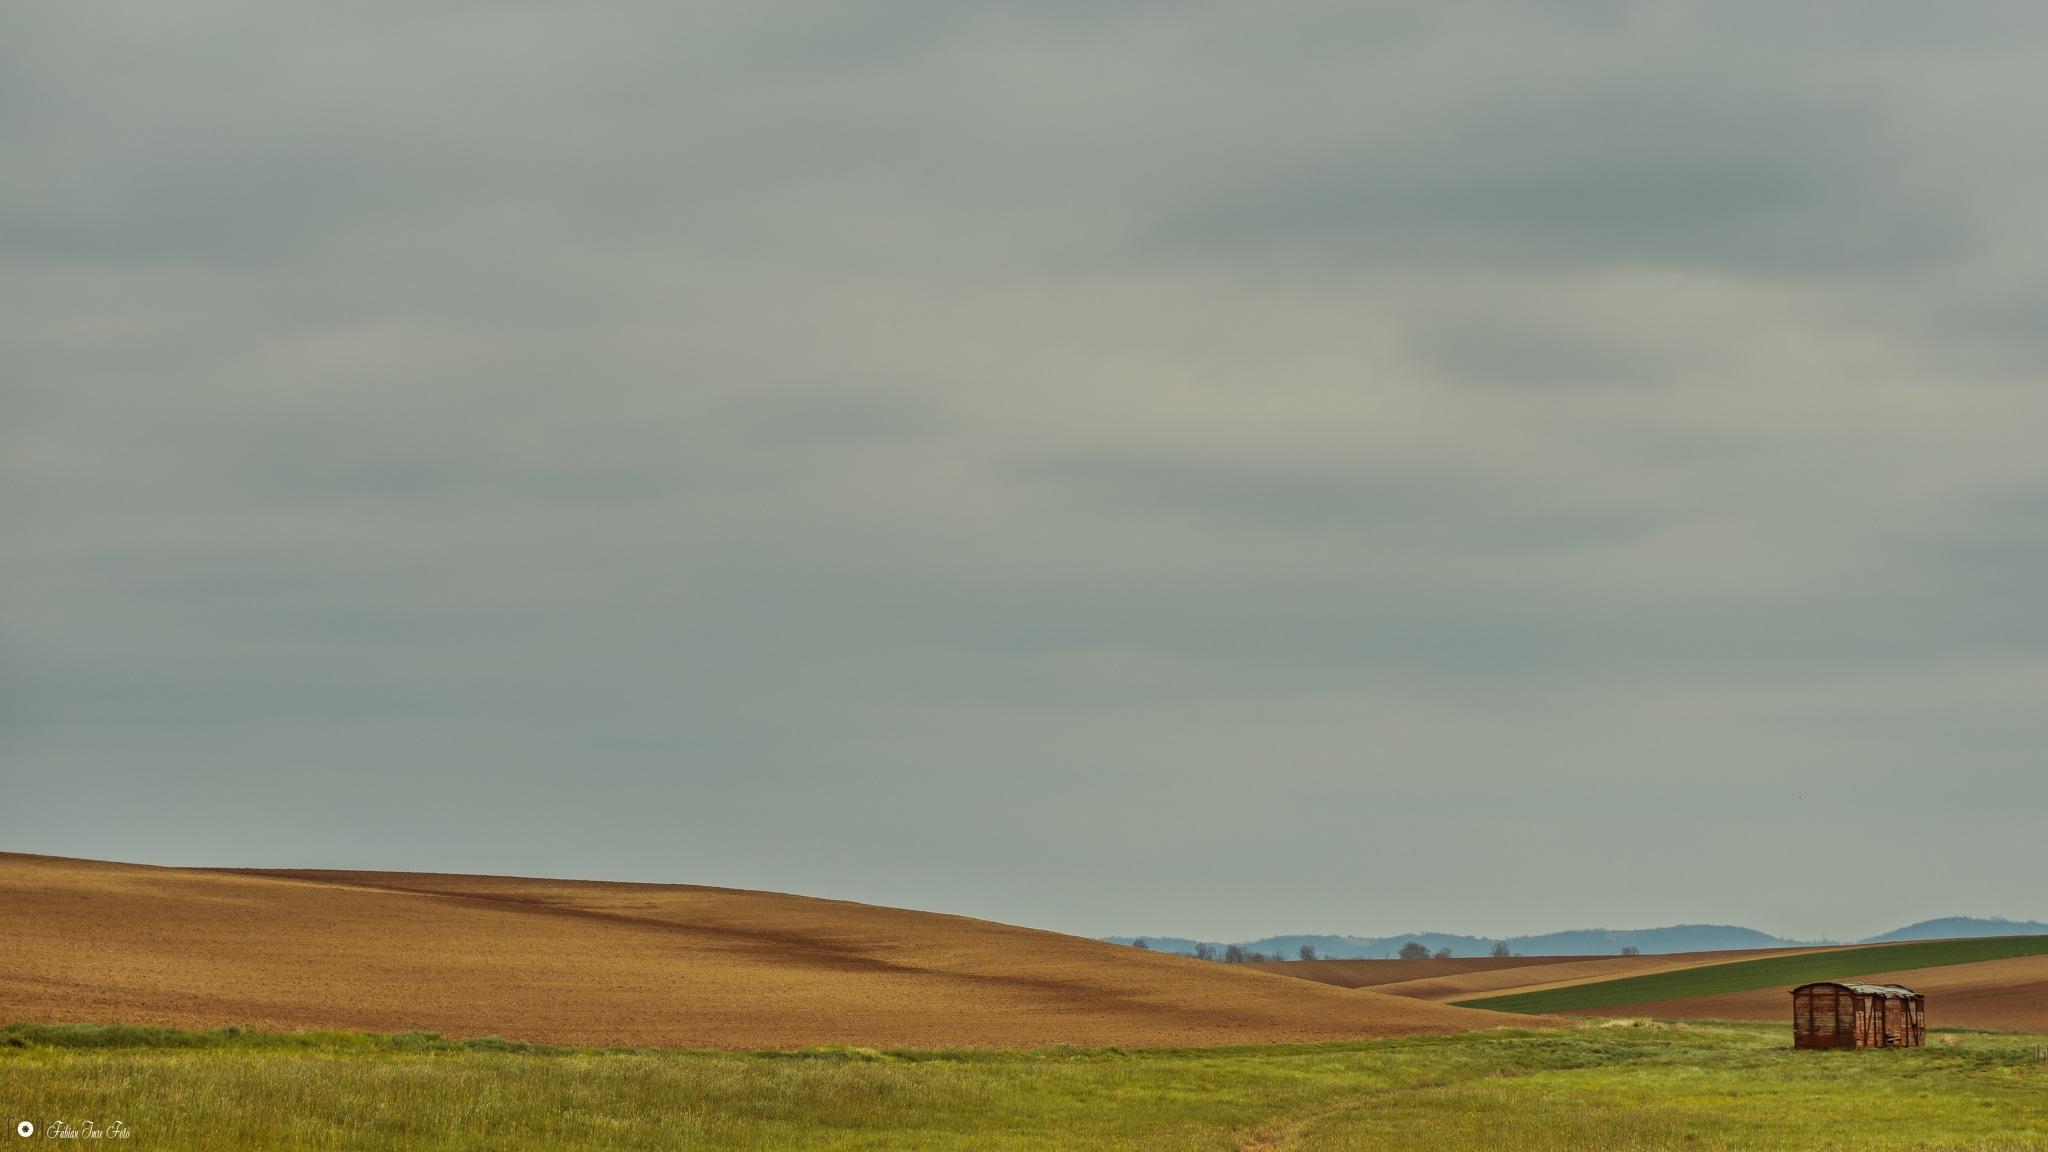 Transdanubian hills by Emer